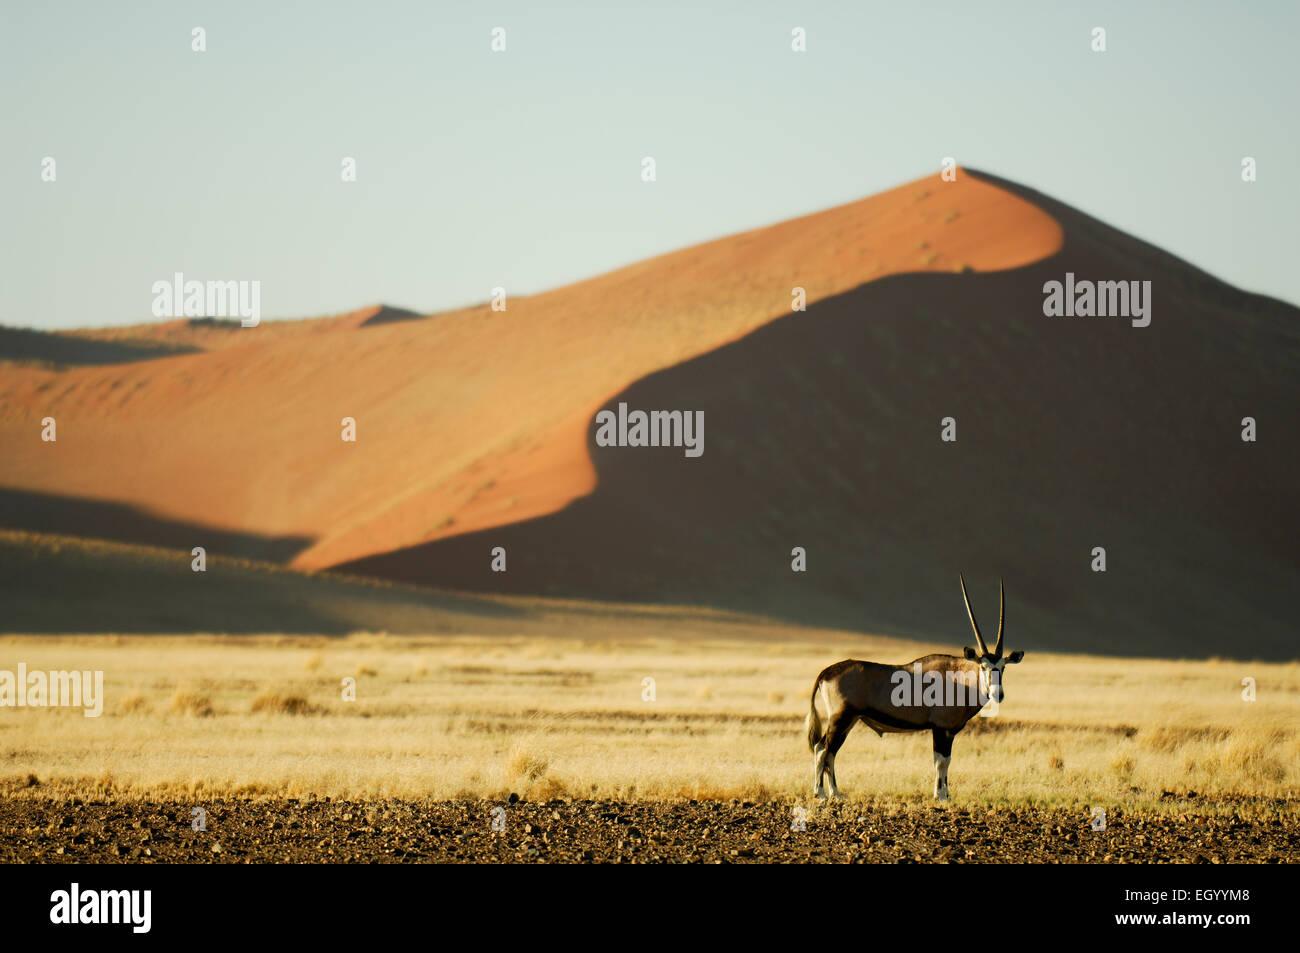 Rande der Berühmten Roten Sanddünen von Sossusvlei Stück Grasbedeckte Ebenen, sterben Nur Nach Den Stockbild